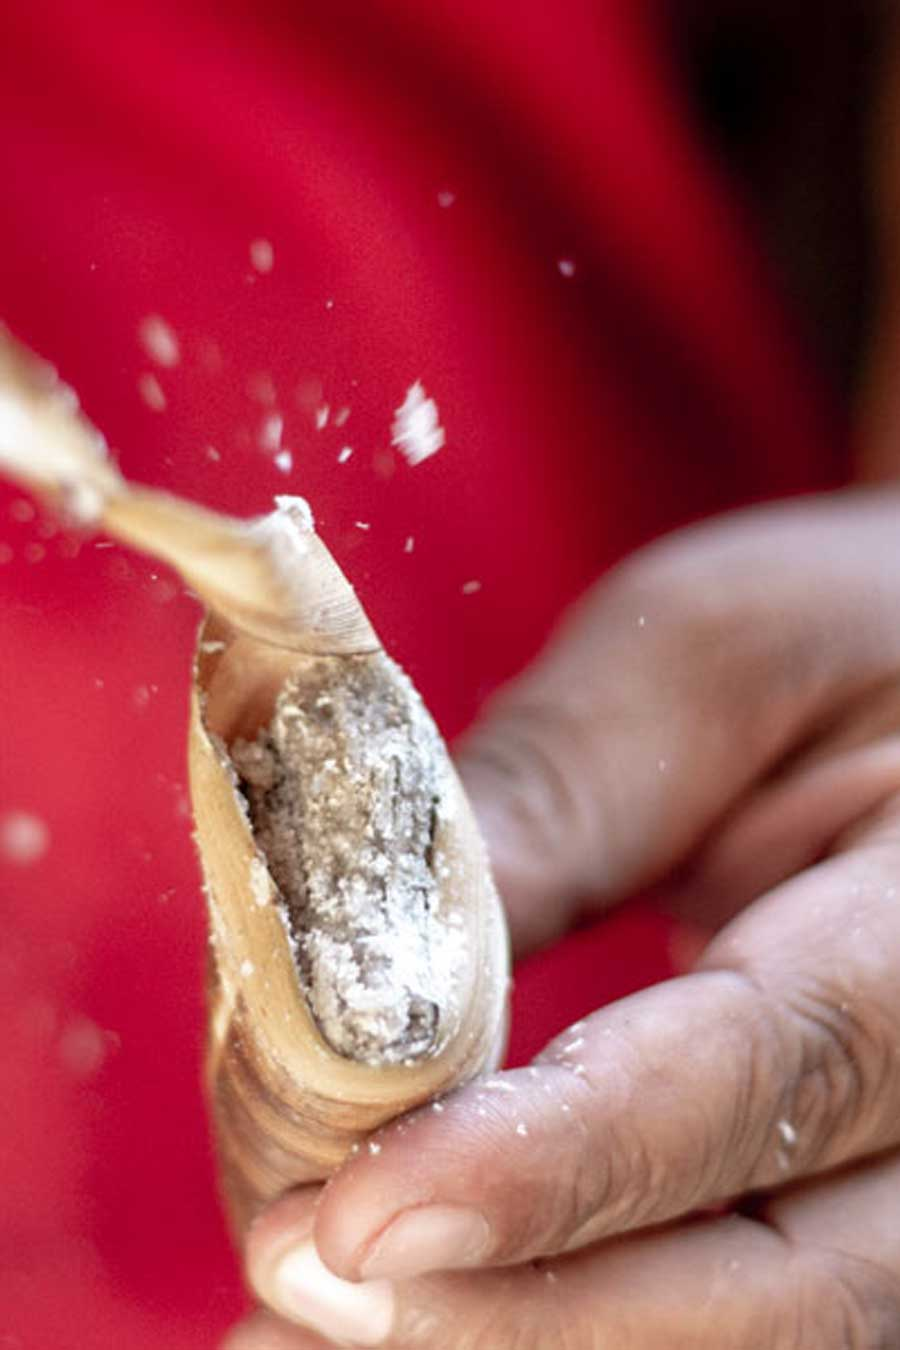 Sel fumé de Bali dans une feuille de cocotier